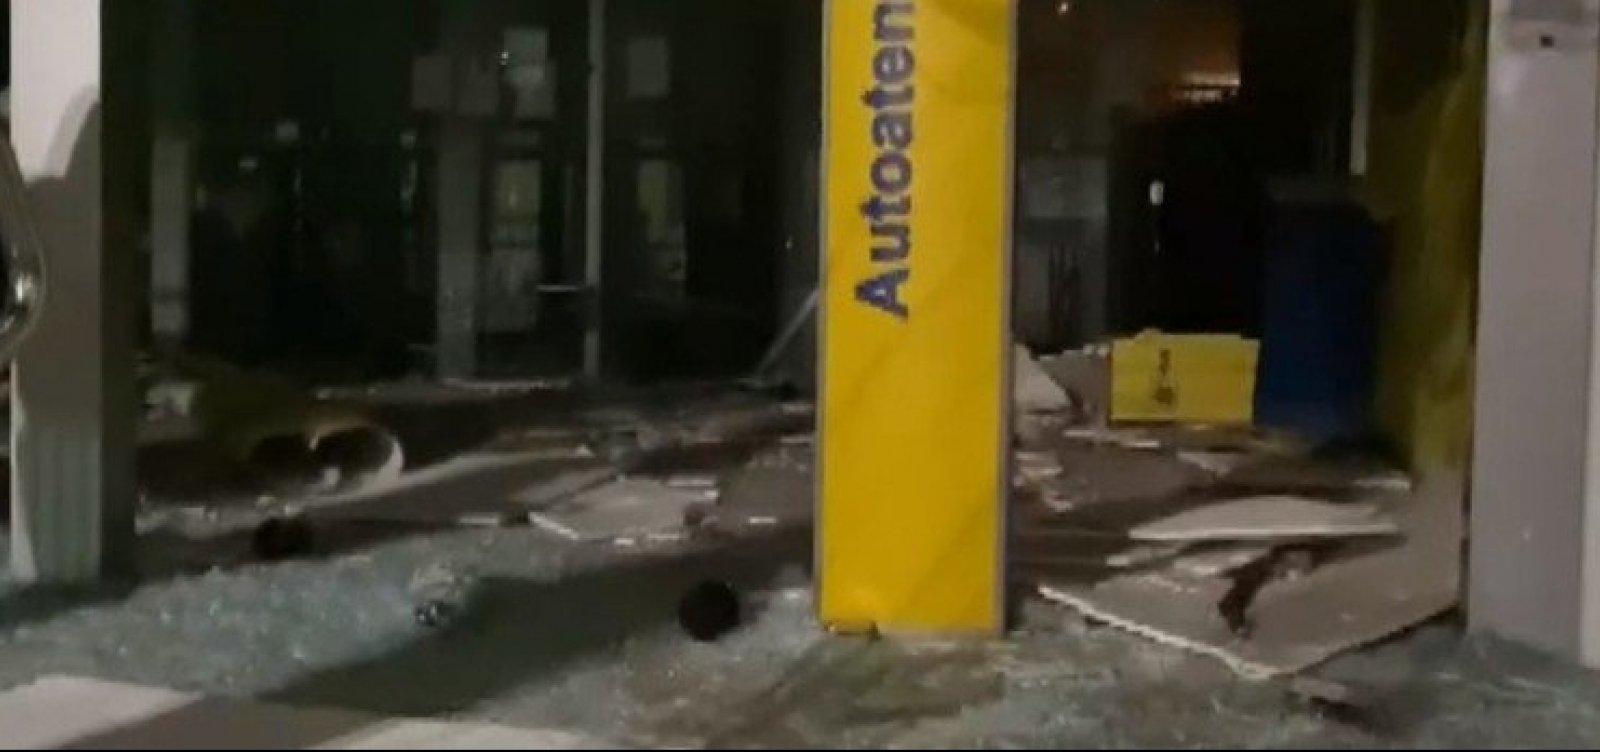 'Novo Cangaço' ataca novamente e explode agência em Ubaíra